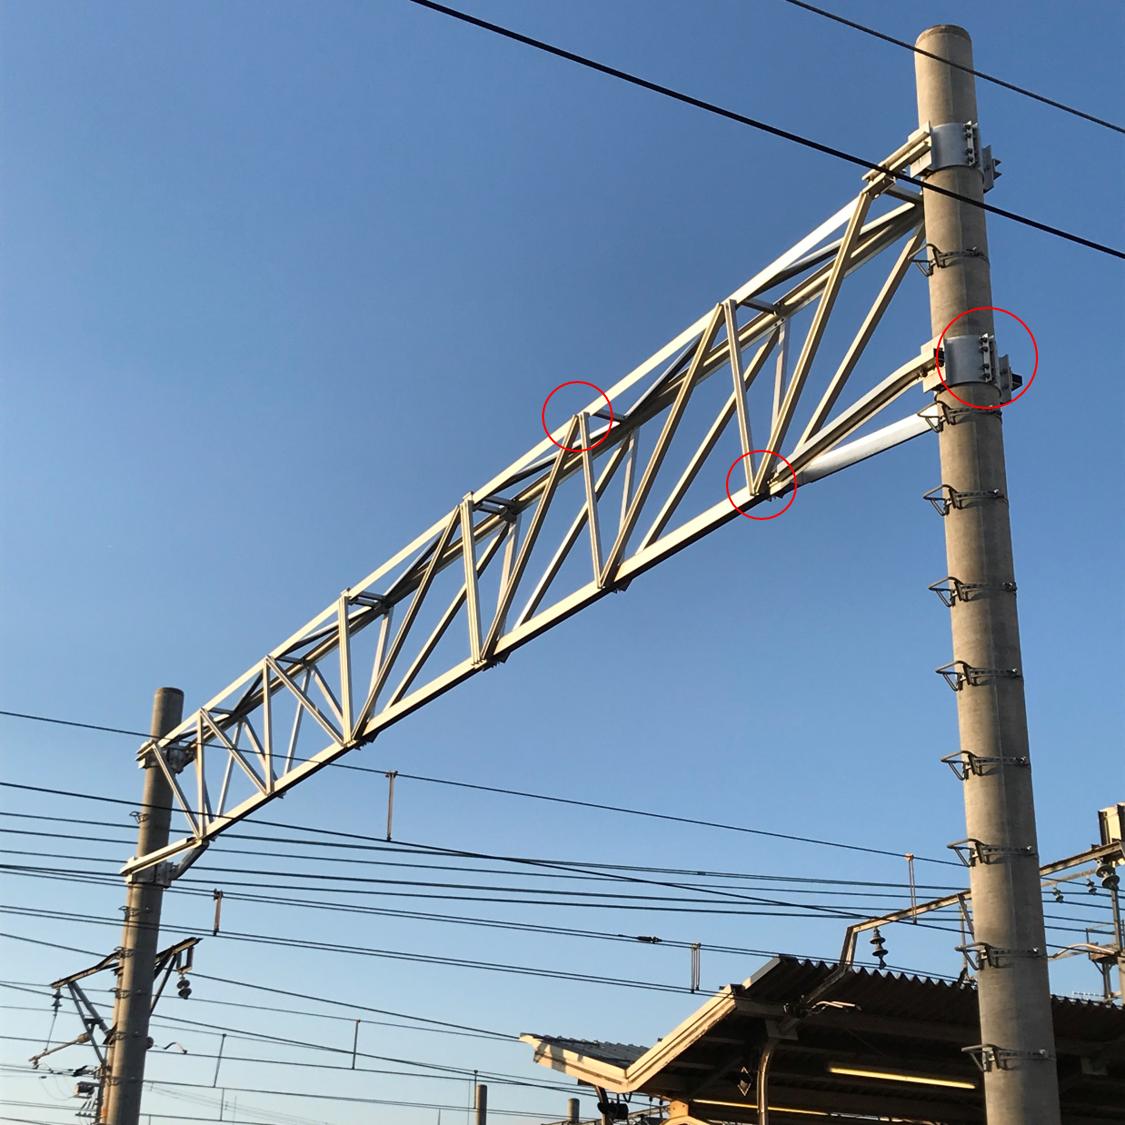 鉄道電車線Vトラスビーム  ゆるみ箇所:鉄道架線柱とのバンド接続部、支持物のジョイント部